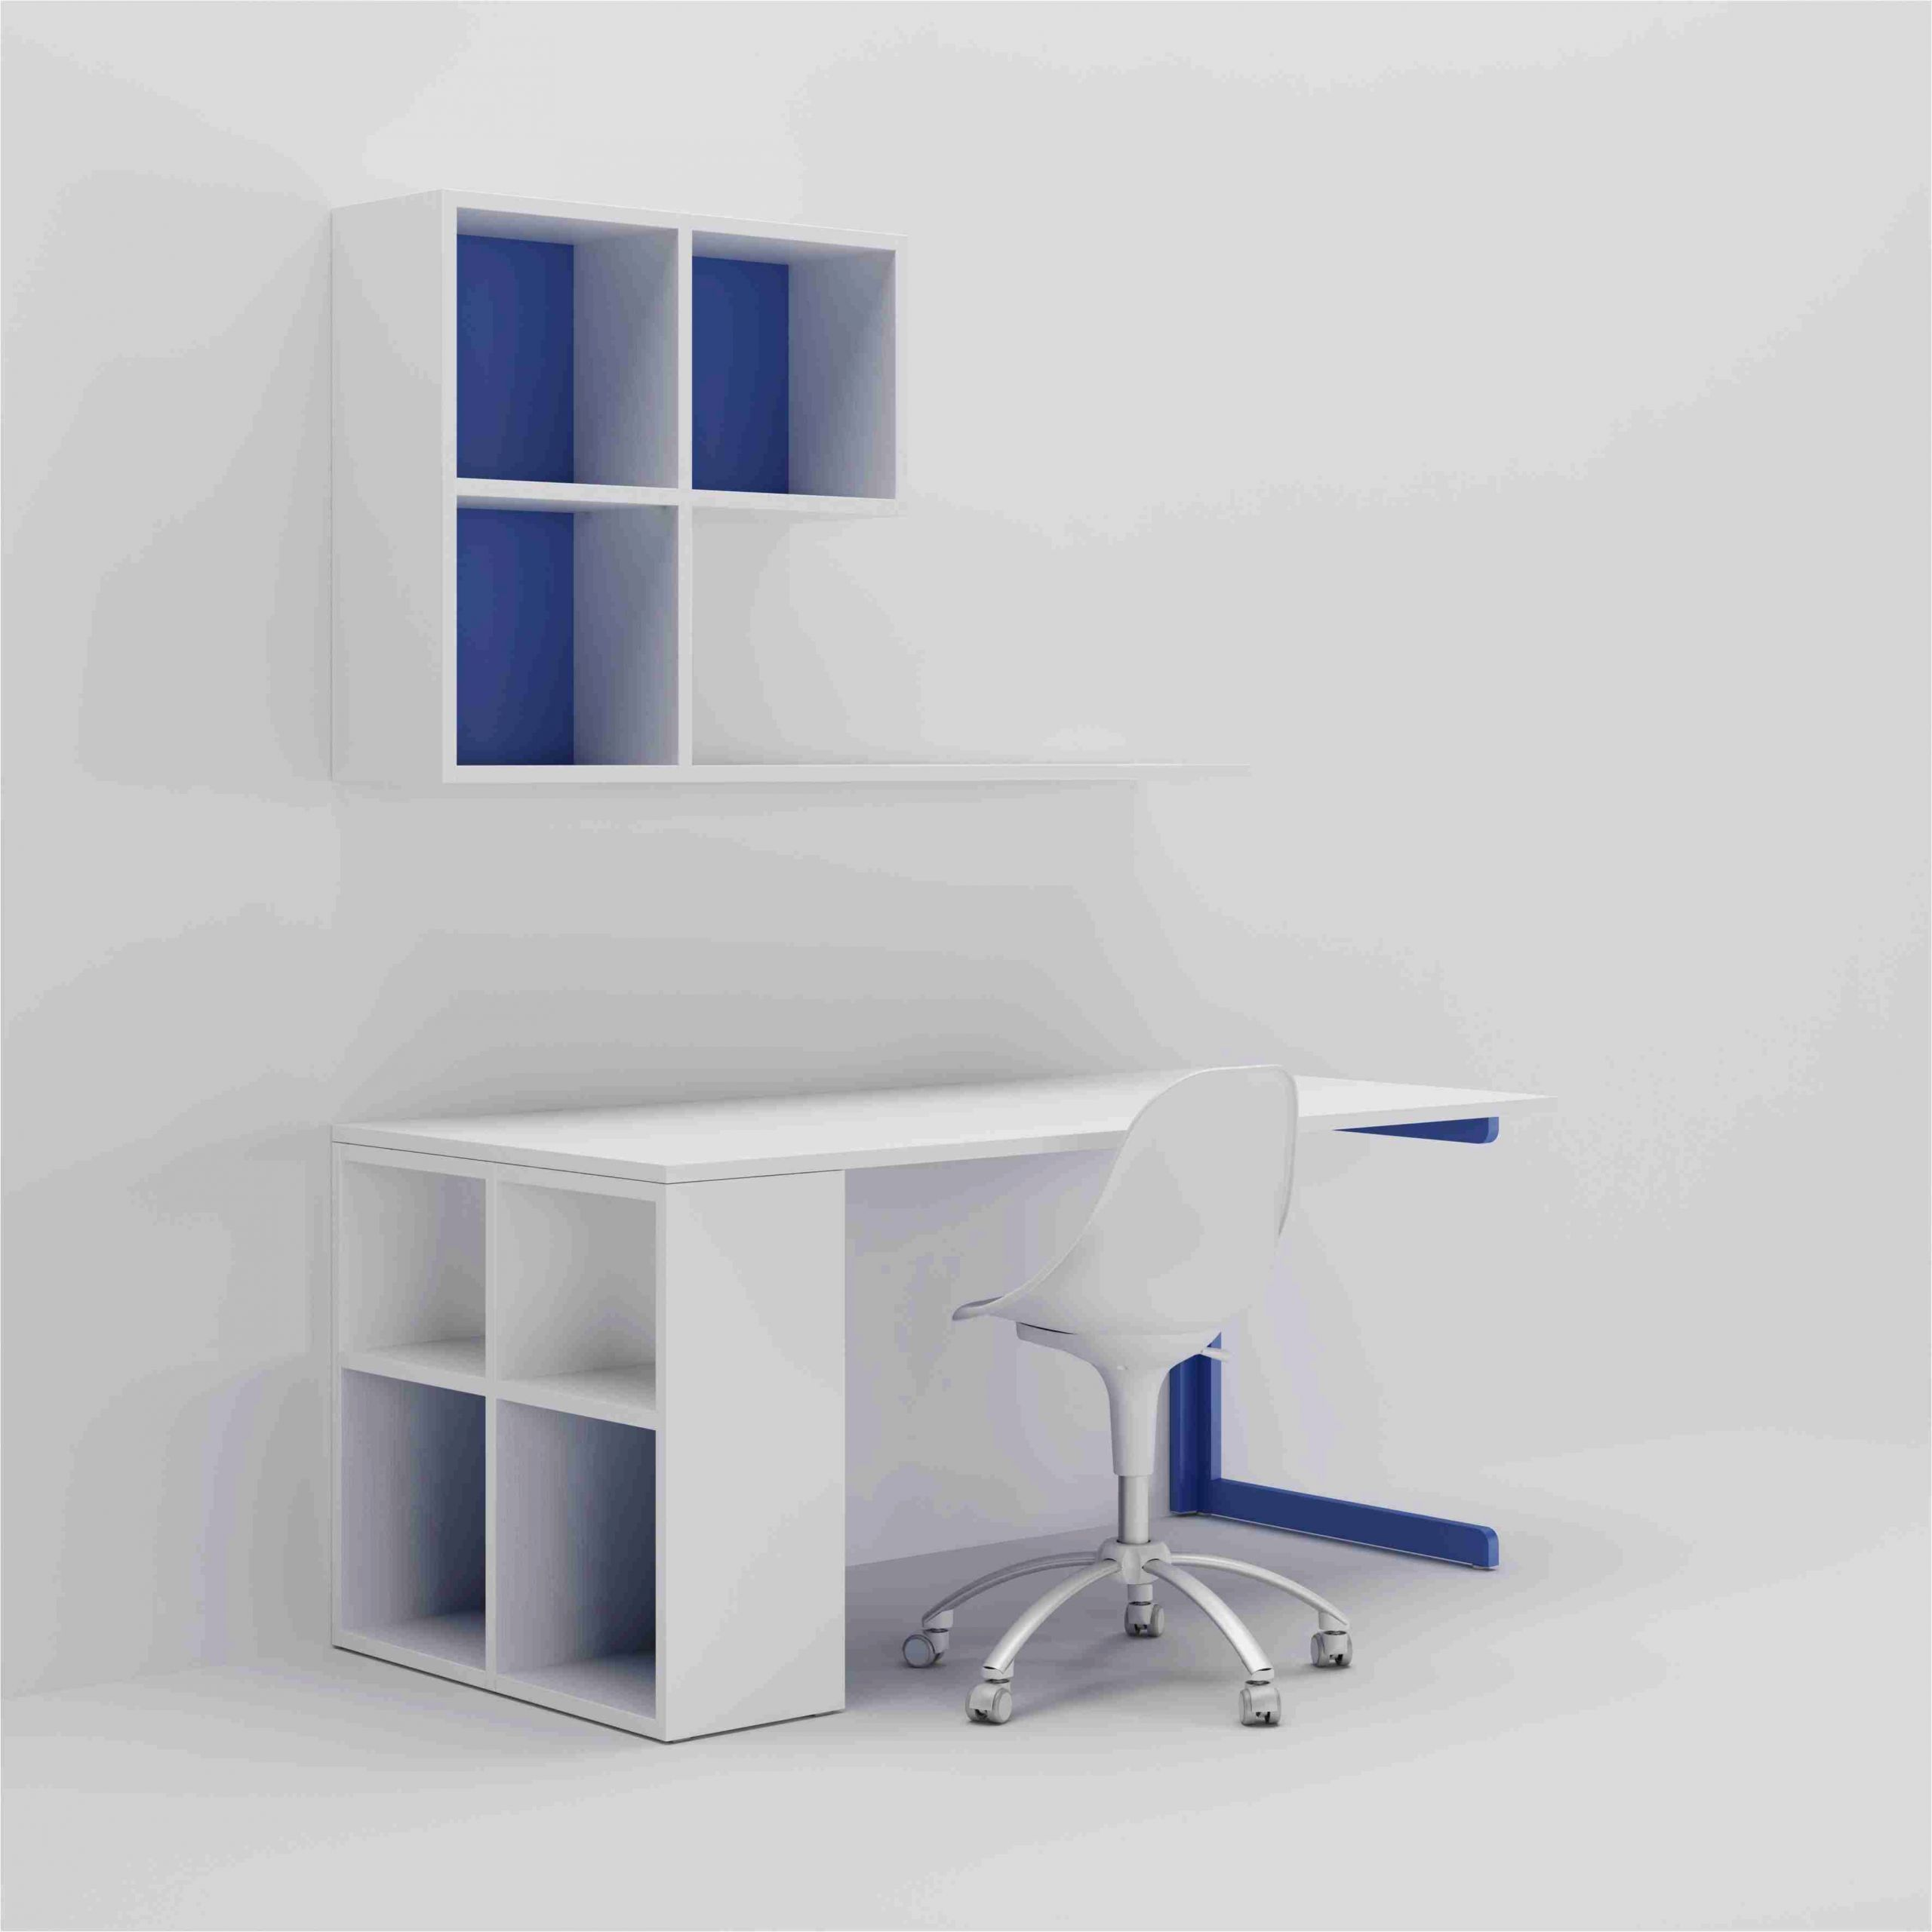 Petit Meuble Roulettes Ikea chaise jardin fer inspirant nouveau chaise a roulette ikea